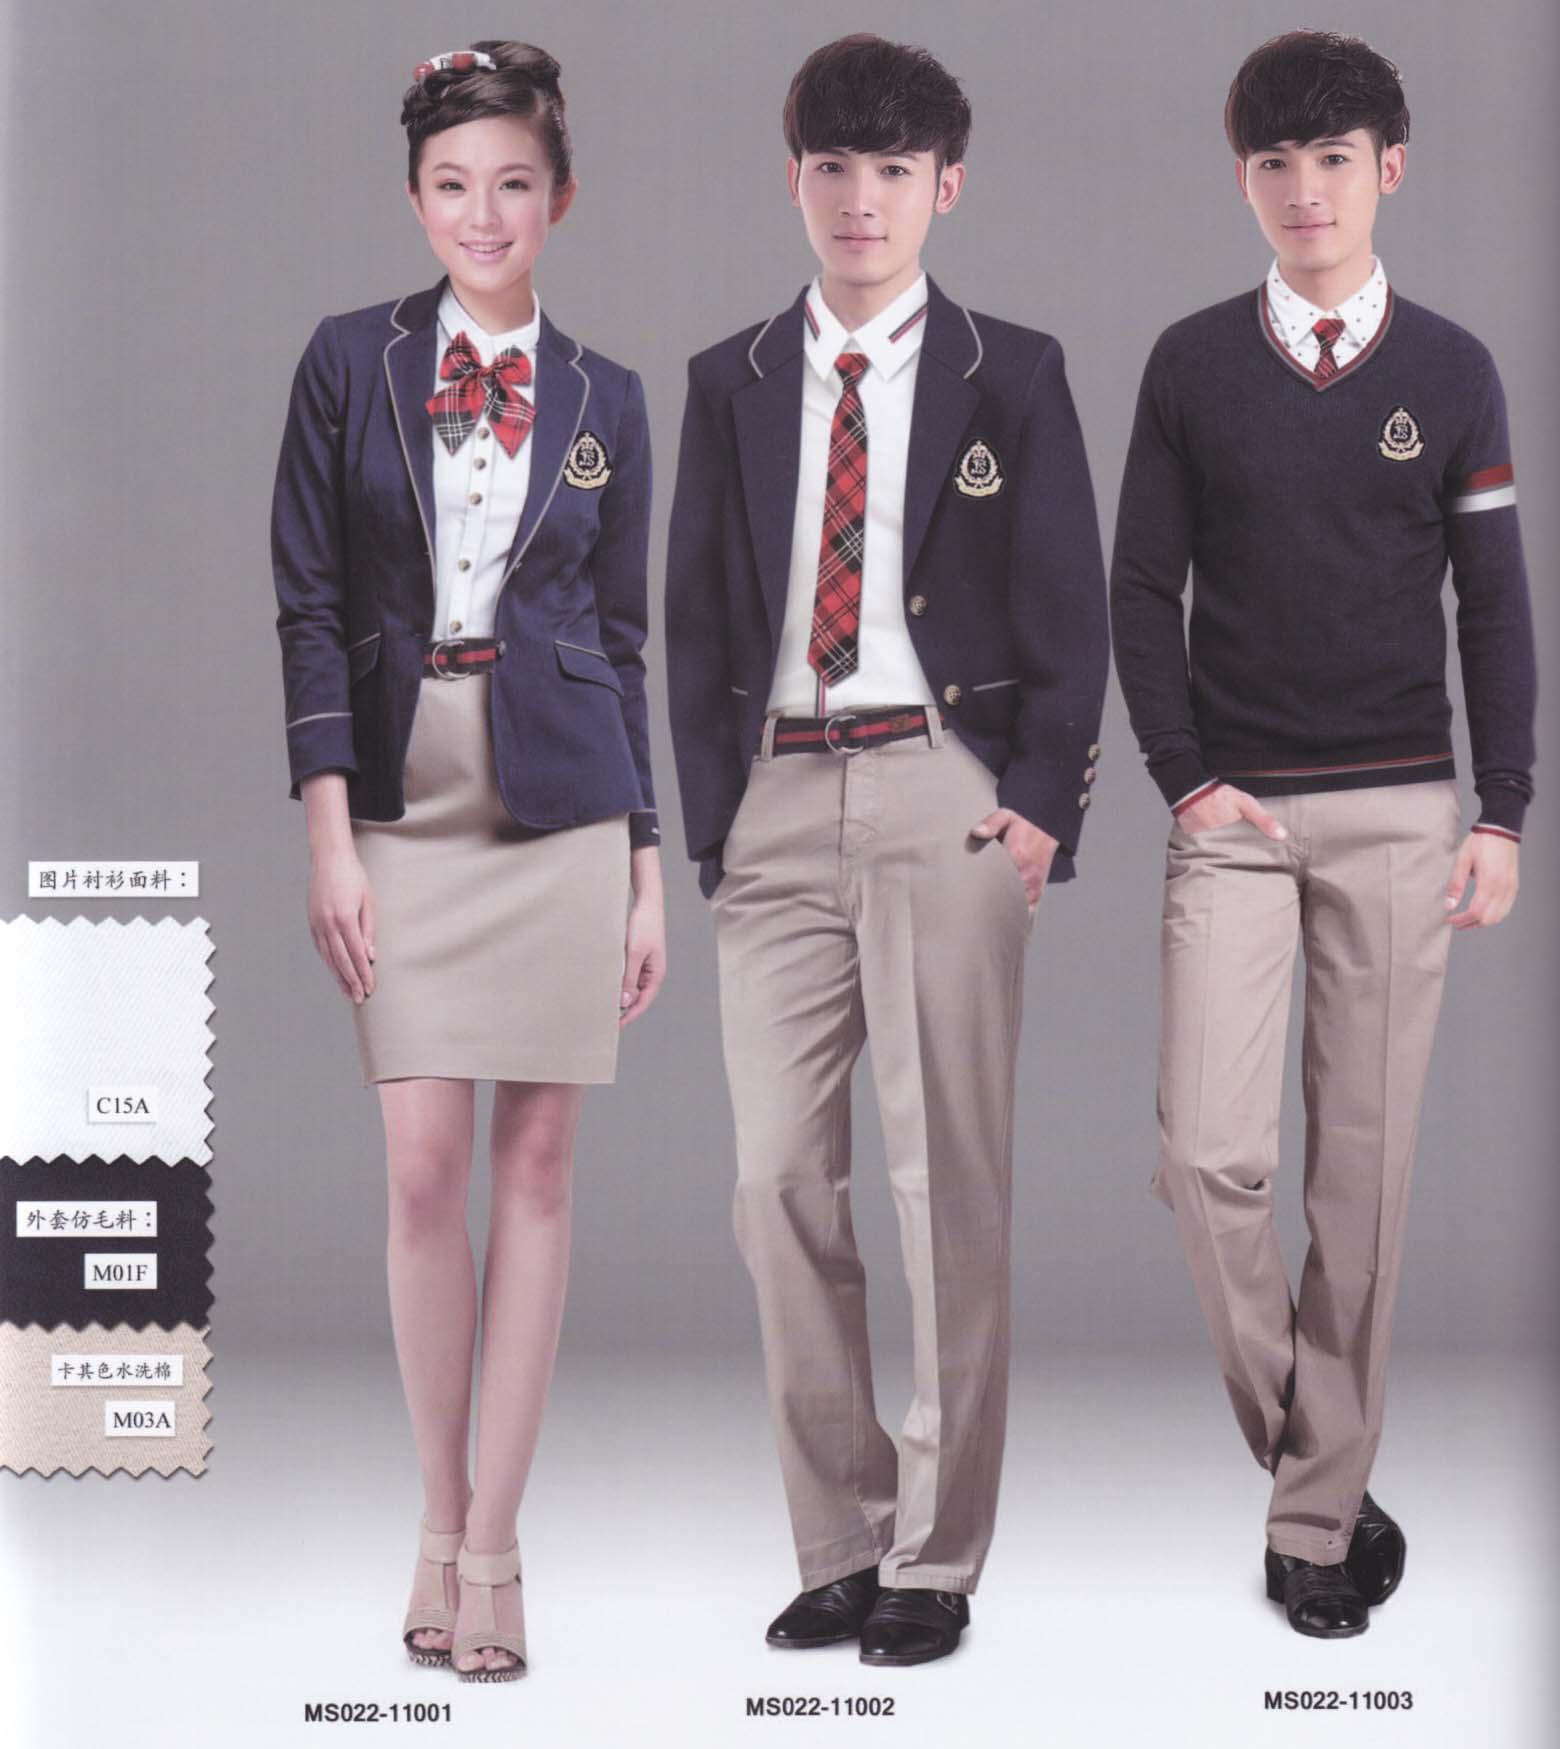 私塾式中学是中国古代的传统教学方式,校服可以选择民国式校服或汉服